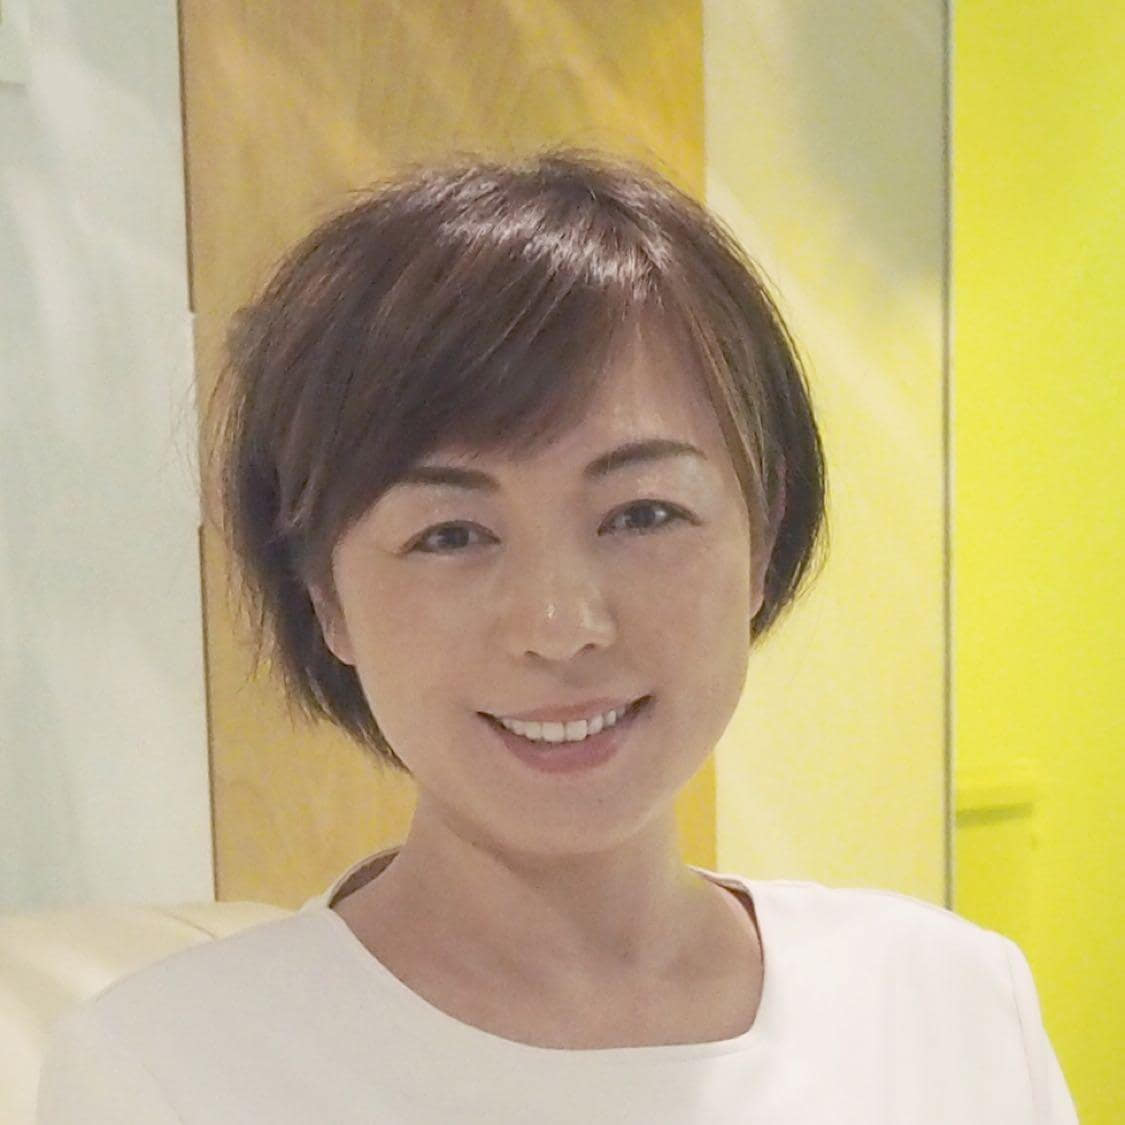 大阪・皮膚再生グリーンピール専門サロンJUNON・岩崎知美